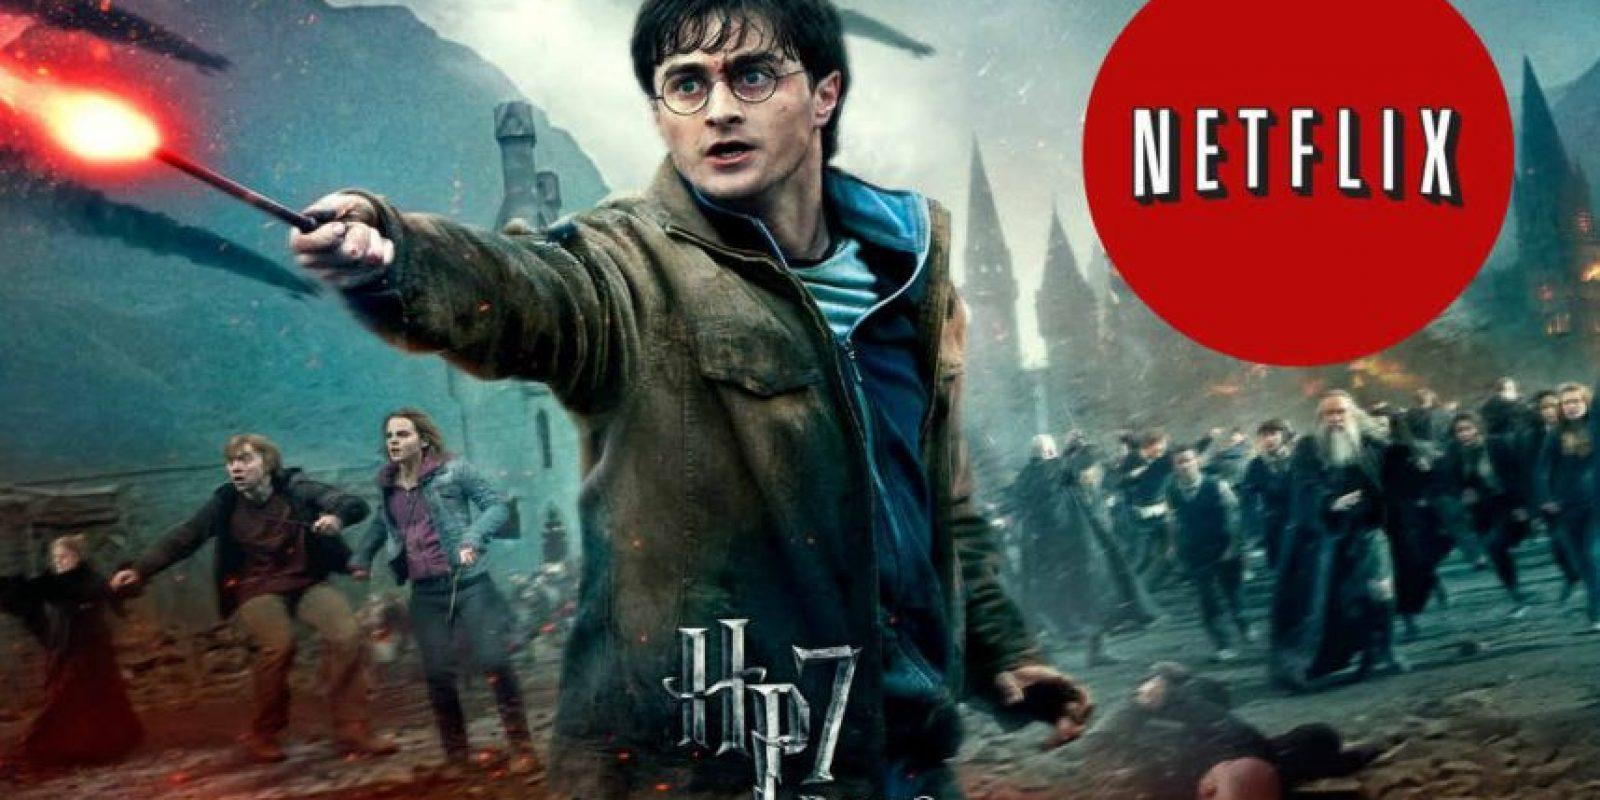 """""""Harry Potter y las Reliquias de la Muerte: parte 2"""" es la última entrega de la saga. Foto:WB/Netflix"""